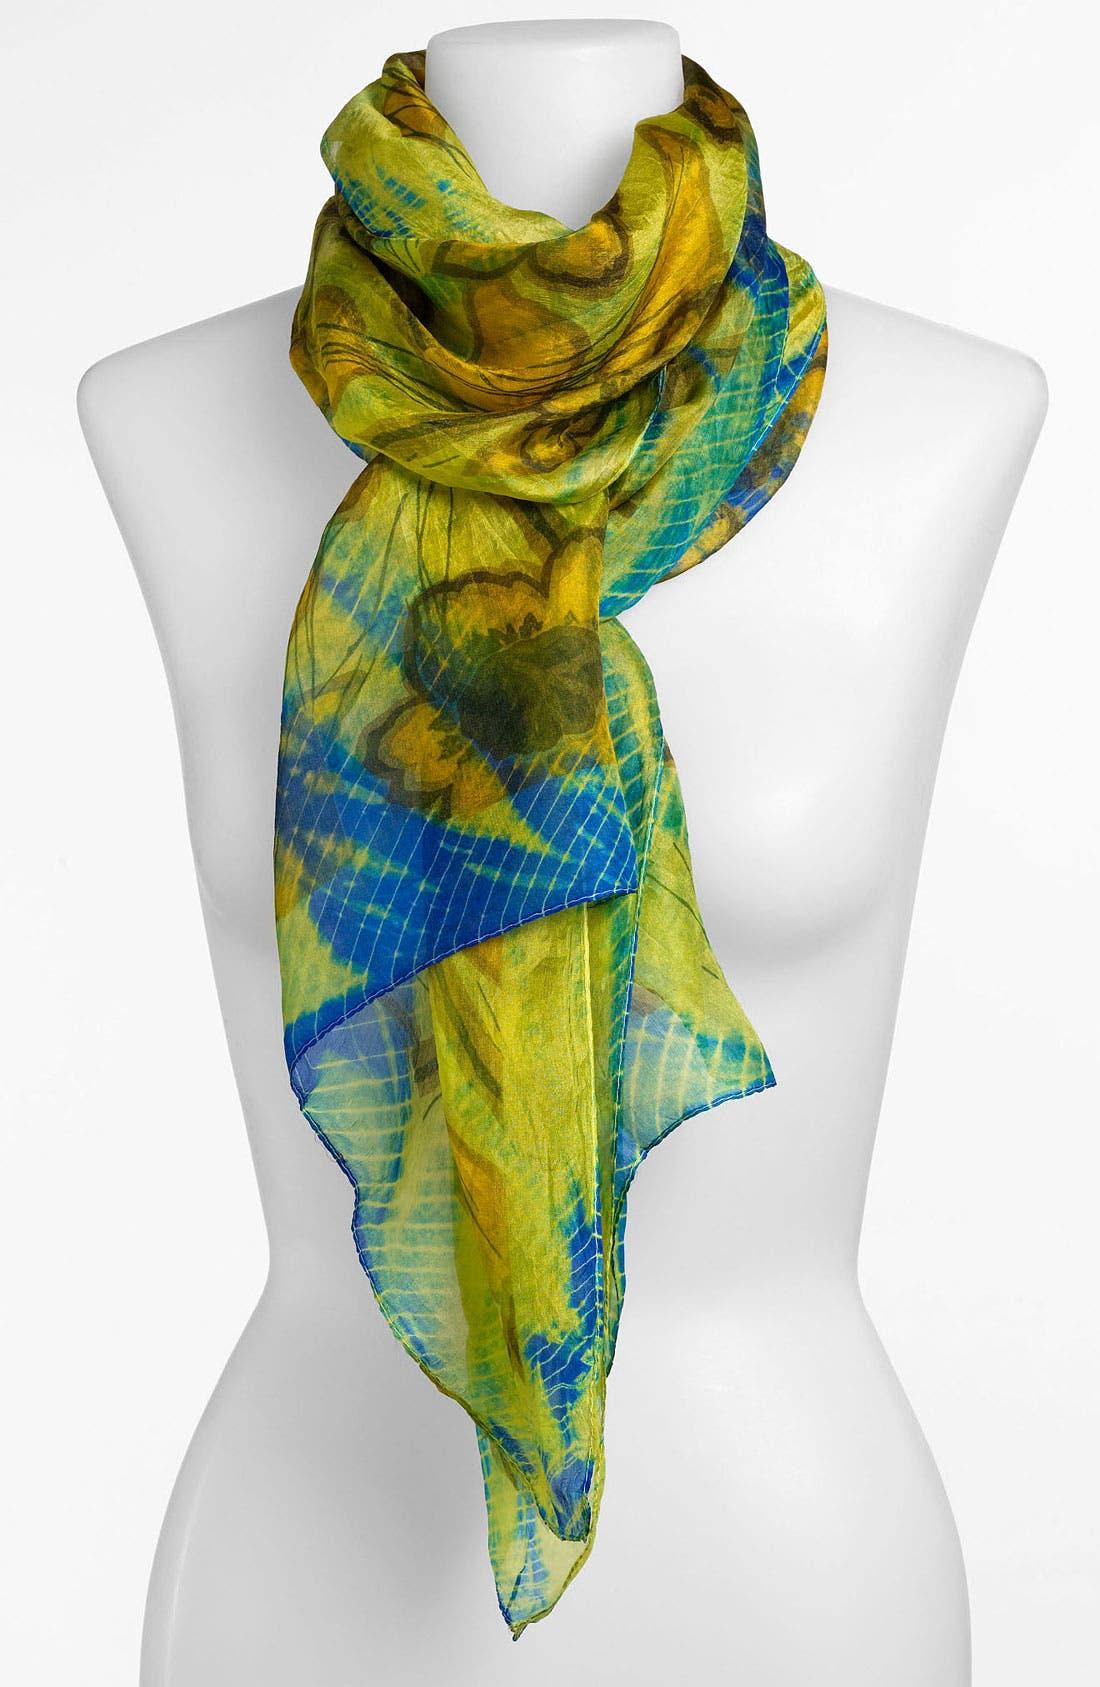 Main Image - Janie Besner Floral Tie Dye Silk Scarf